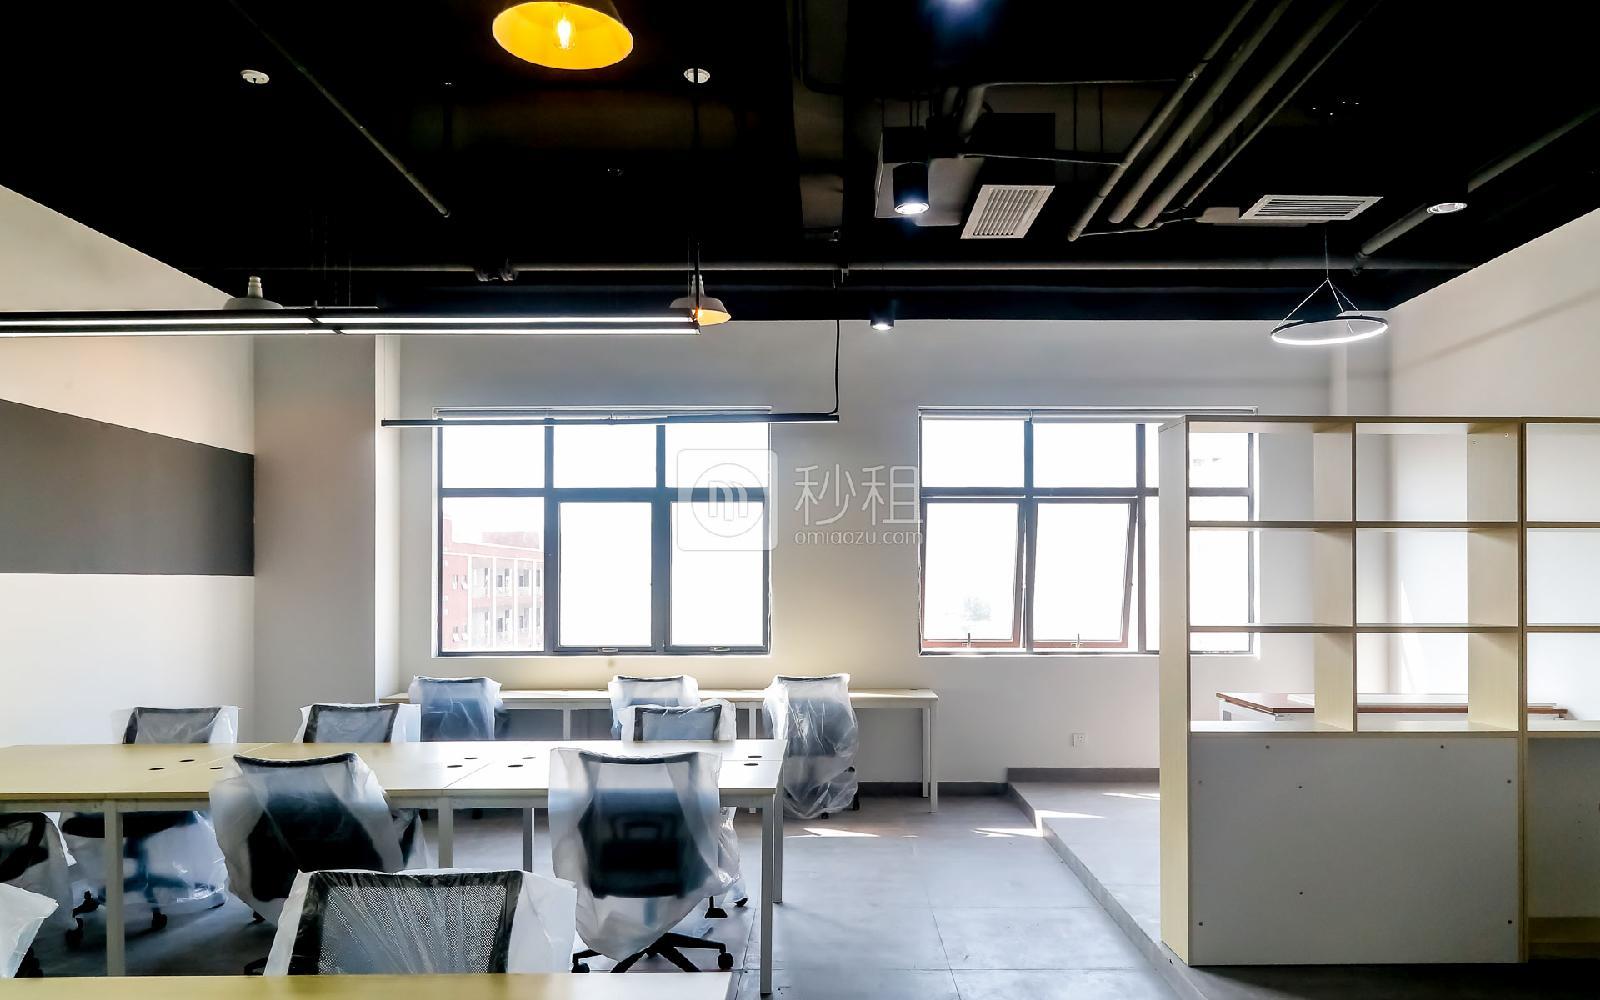 硅谷大院写字楼出租29平米精装办公室4100元/间.月